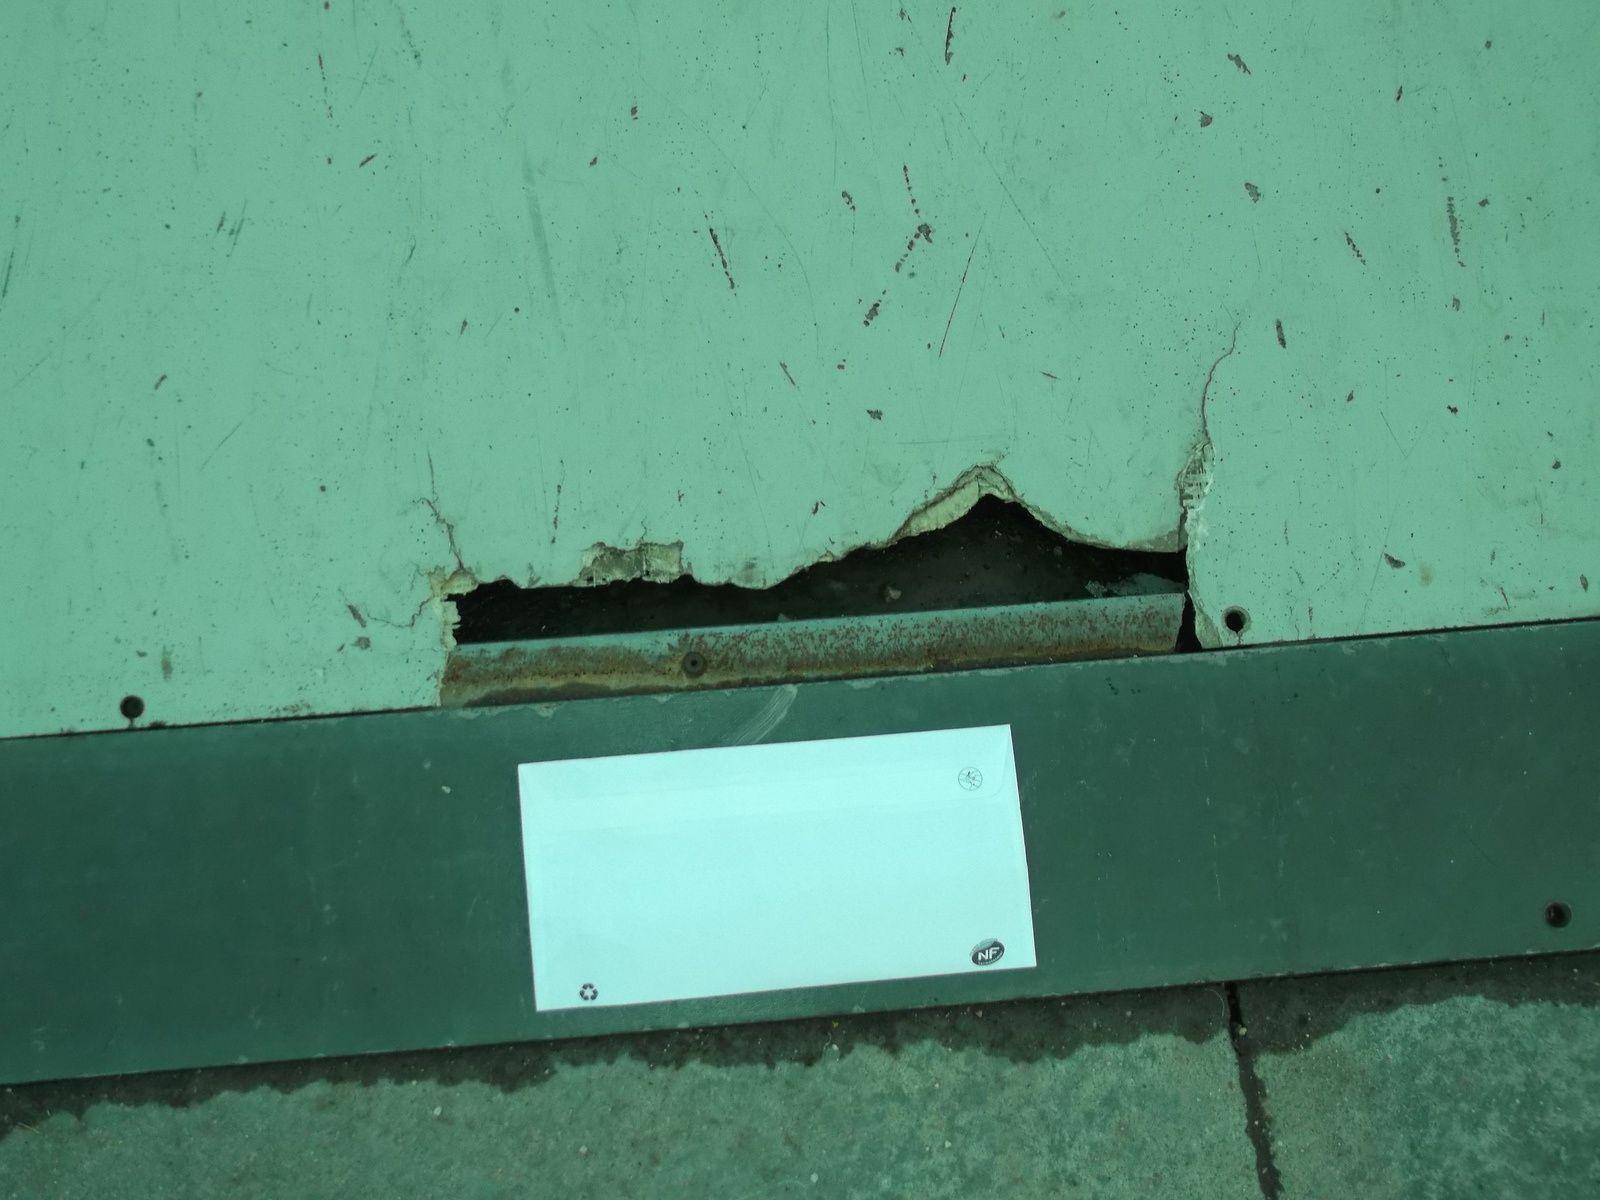 Une fente de 40 cm sur 3/5 cm comme en temoigne l'enveloppe standart posée comme échelle de grandeur